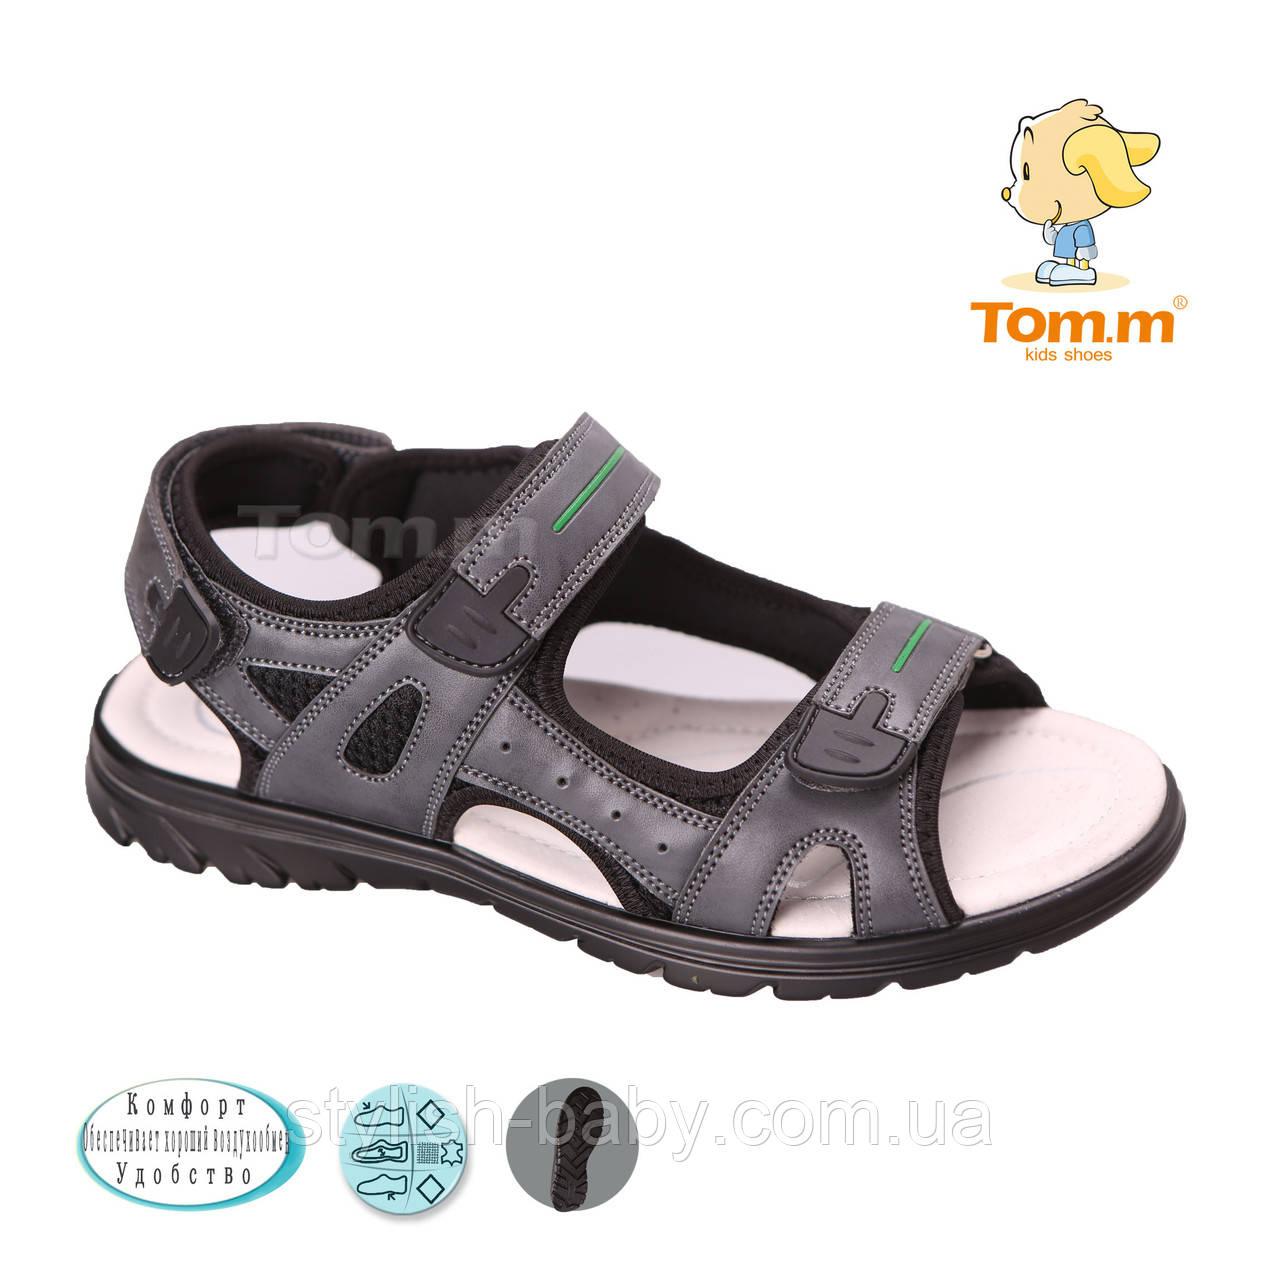 Подростковая летняя обувь. Подростковые босоножки бренда Tom.m для мальчиков (рр.с 36 по 41)